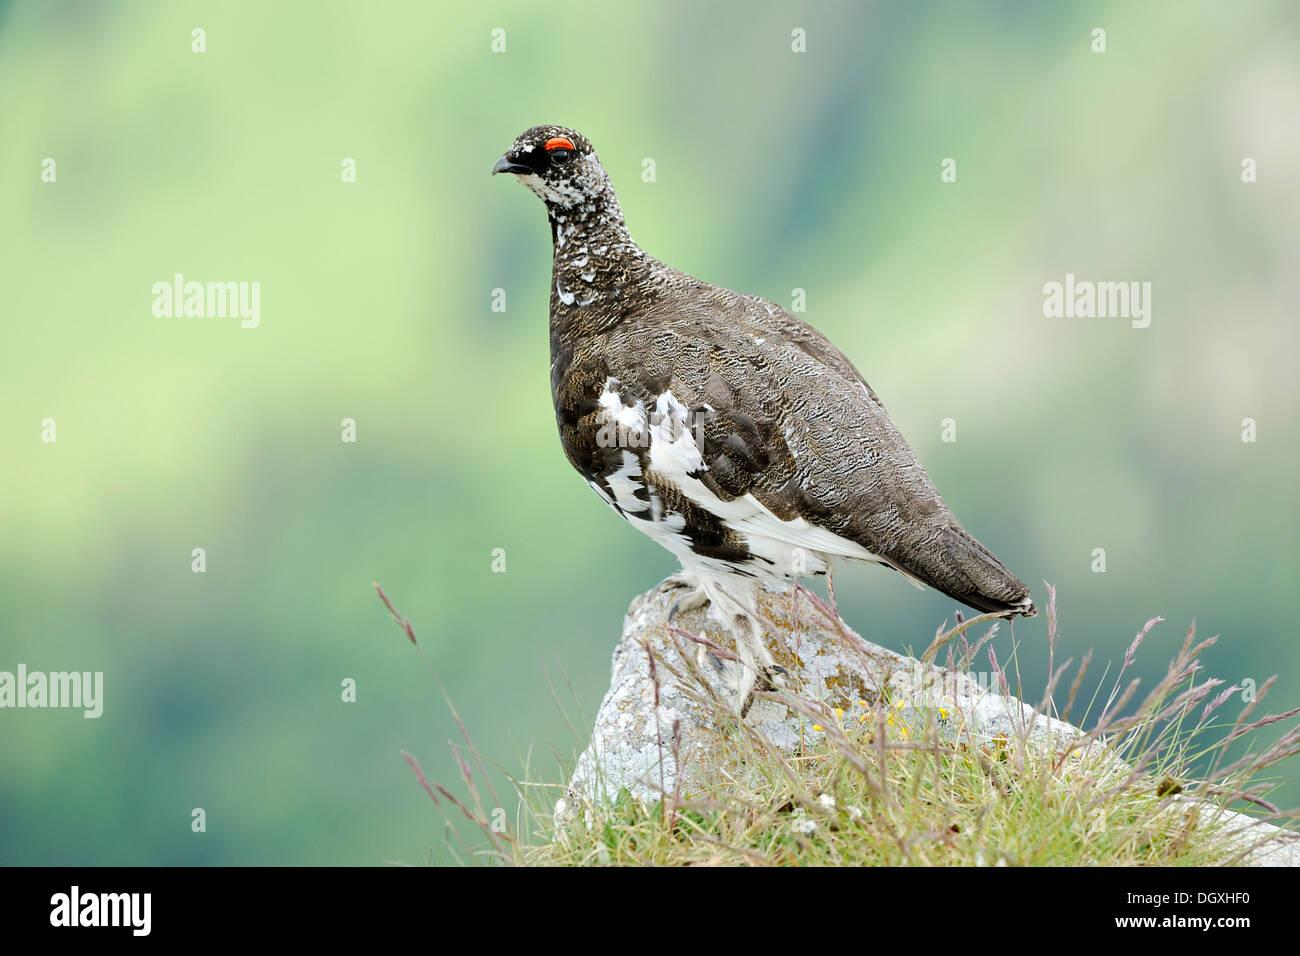 Lagopède ou le lagopède alpin (Lagopus muta), homme, été plumage, perché sur la roche, Wang, Oberland Bernois, Suisse Banque D'Images